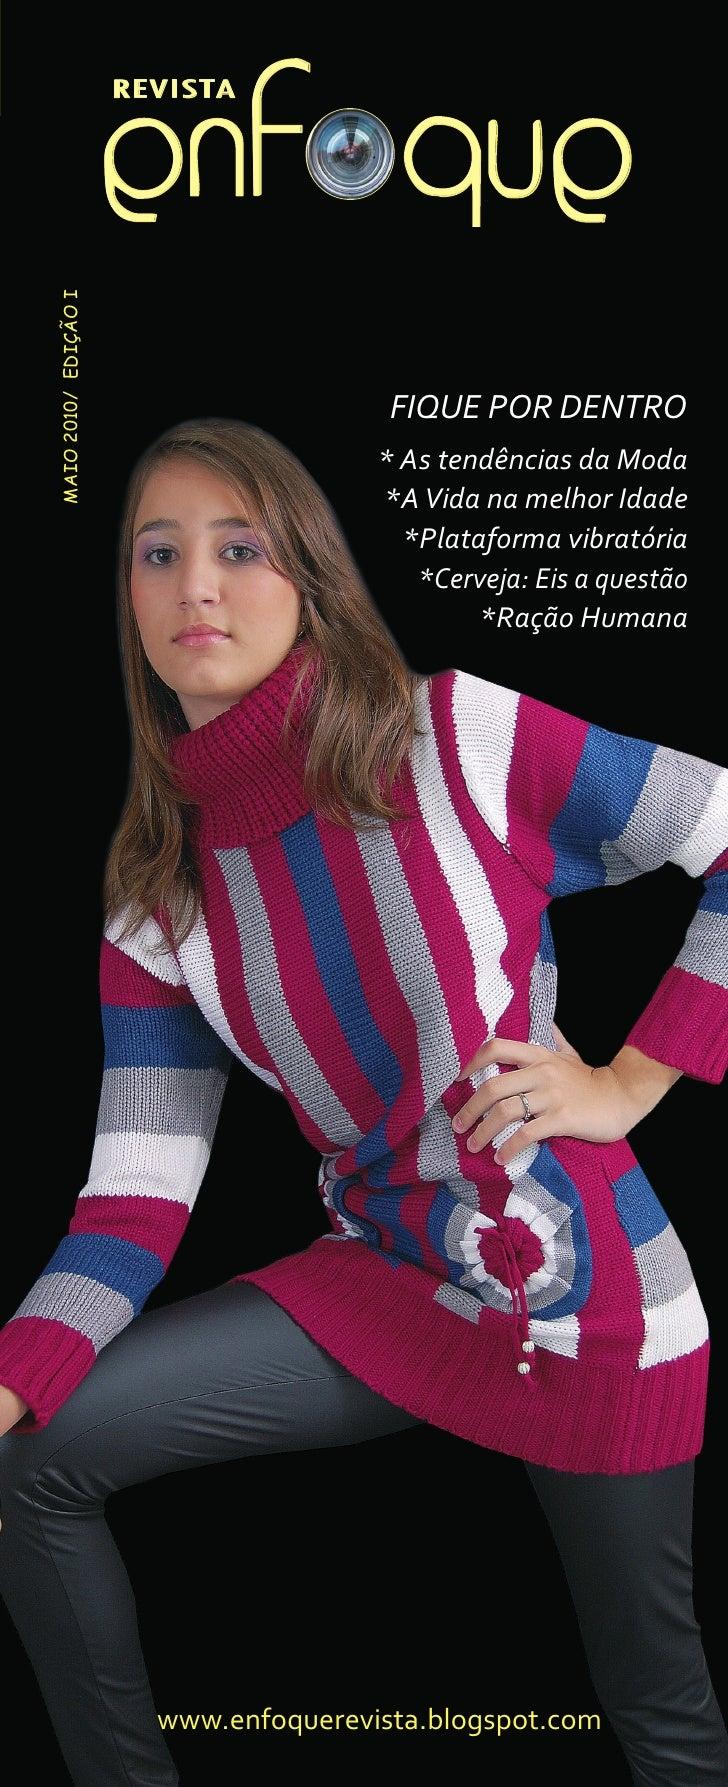 REVISTA                         enf que Maio 2010/ Edição i                                             FIQUE POR DENTRO  ...